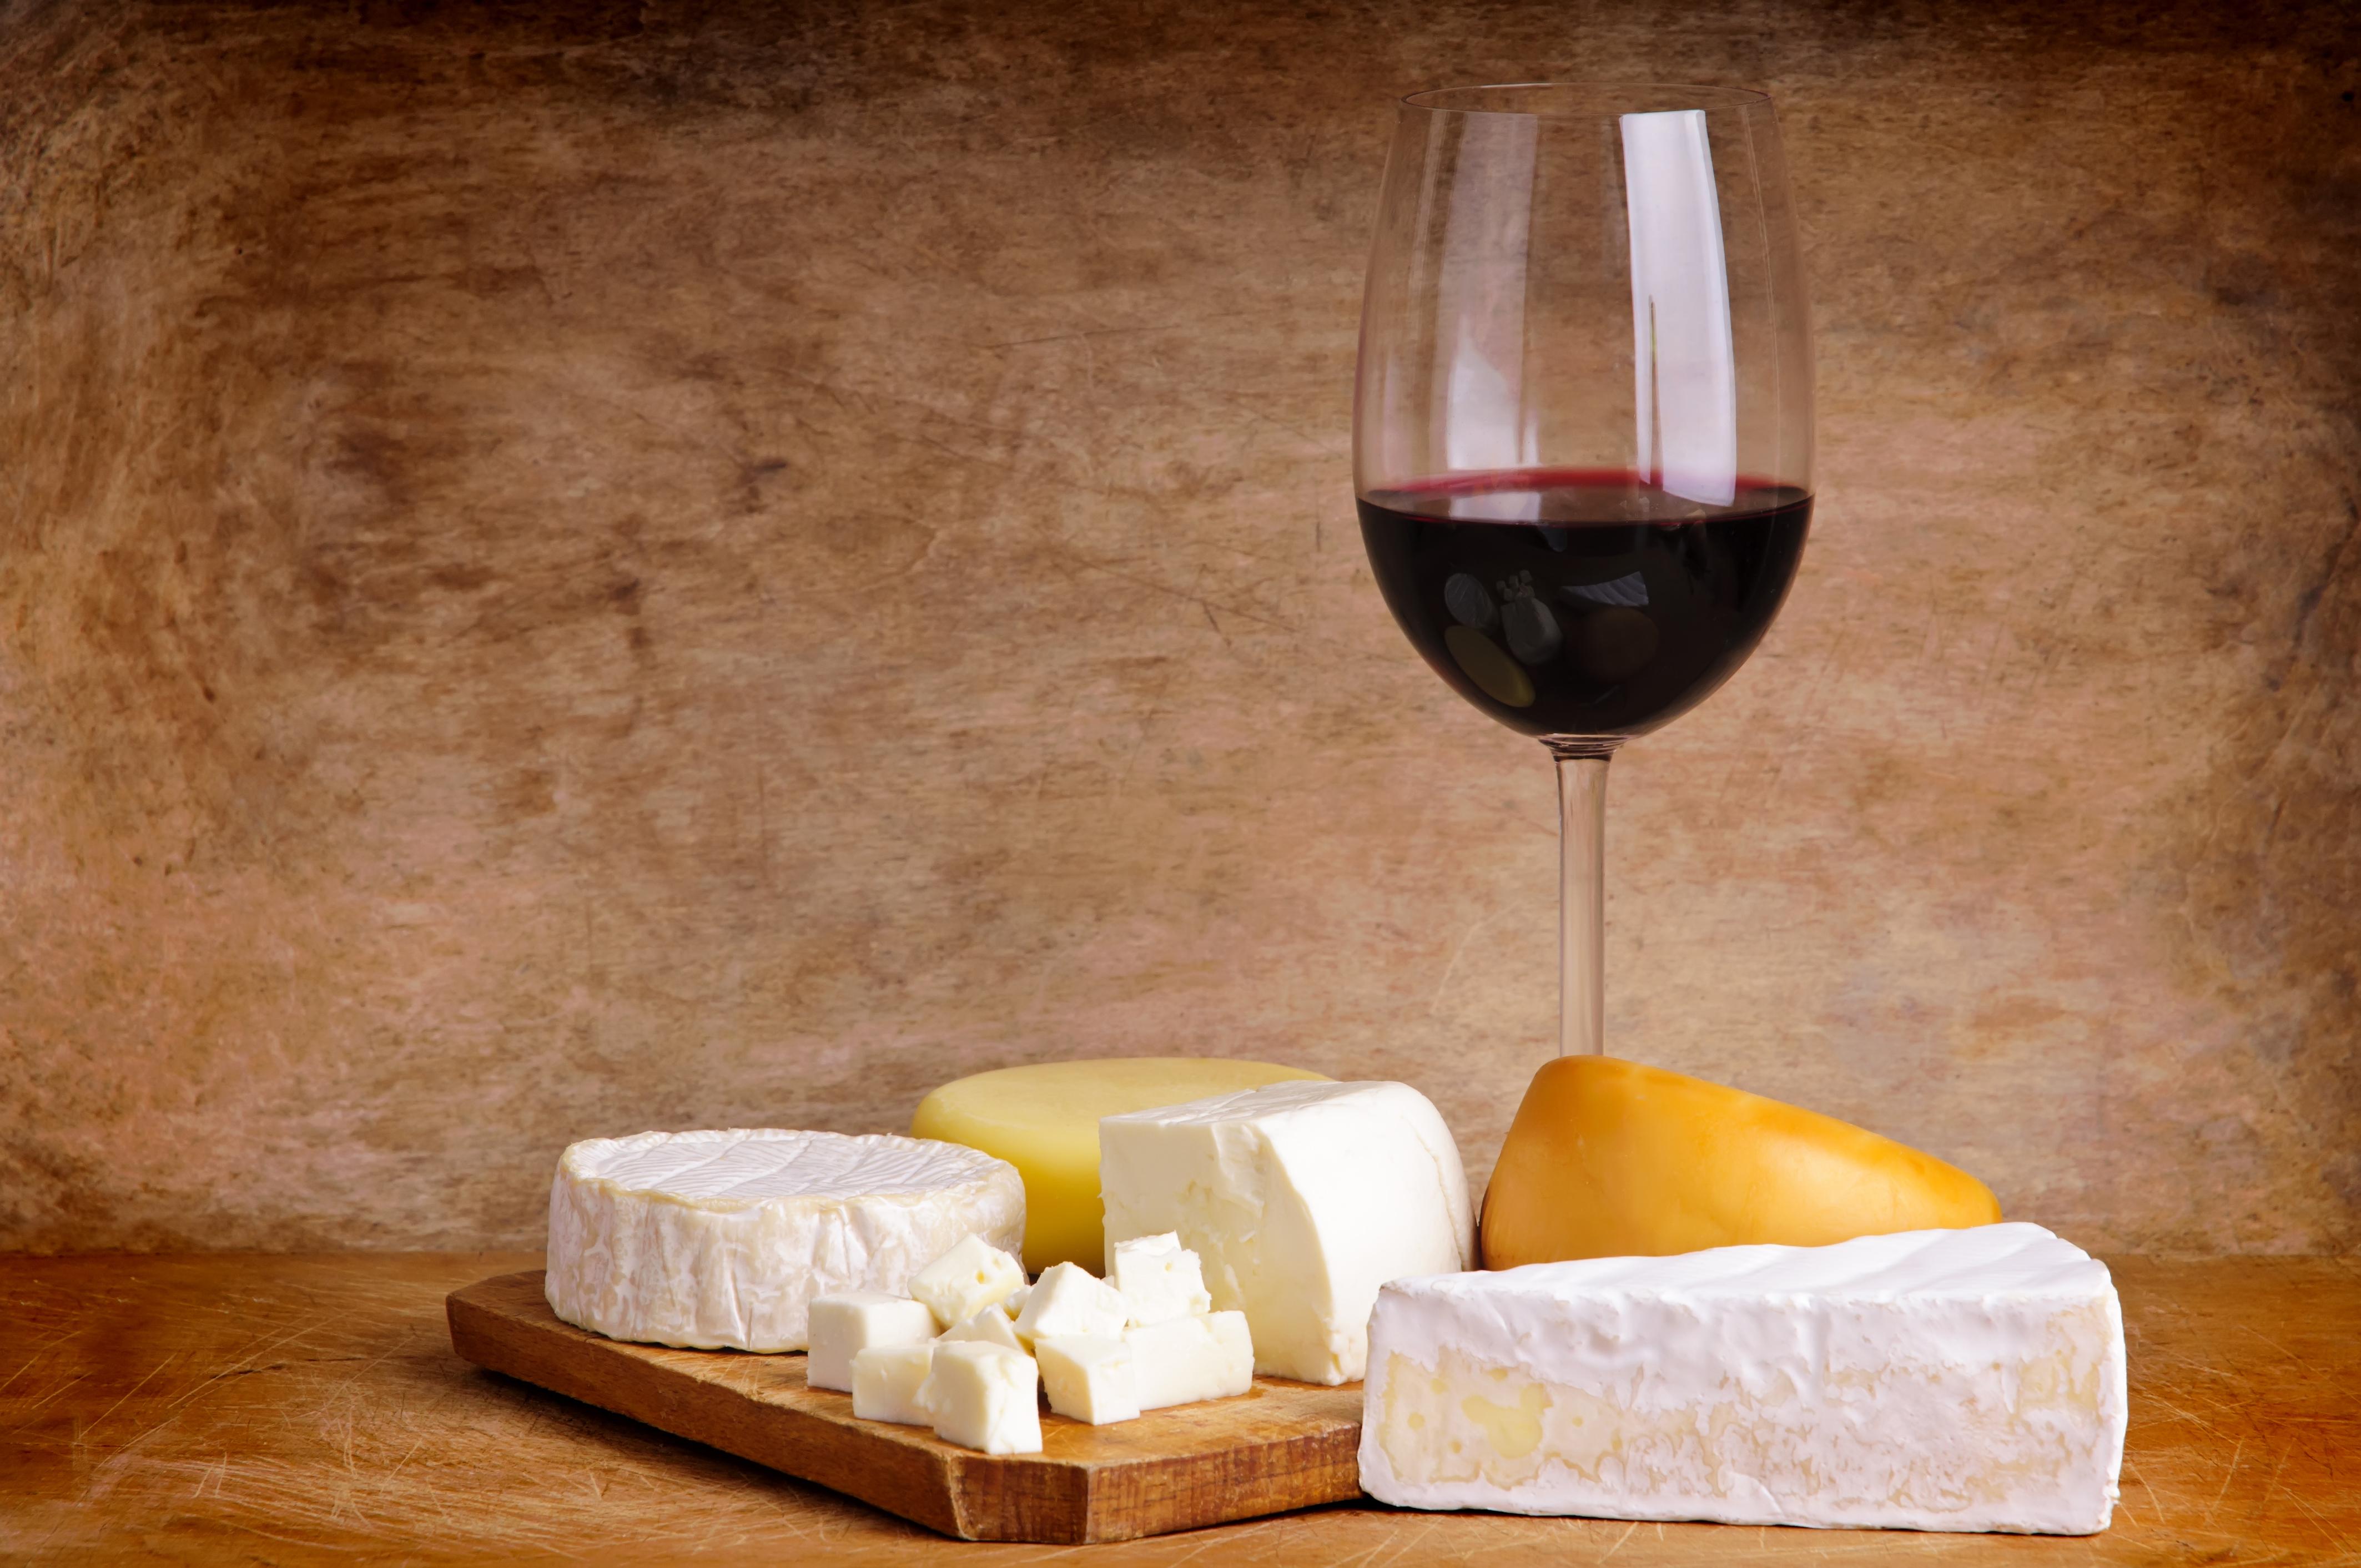 ワインと数種のチーズ